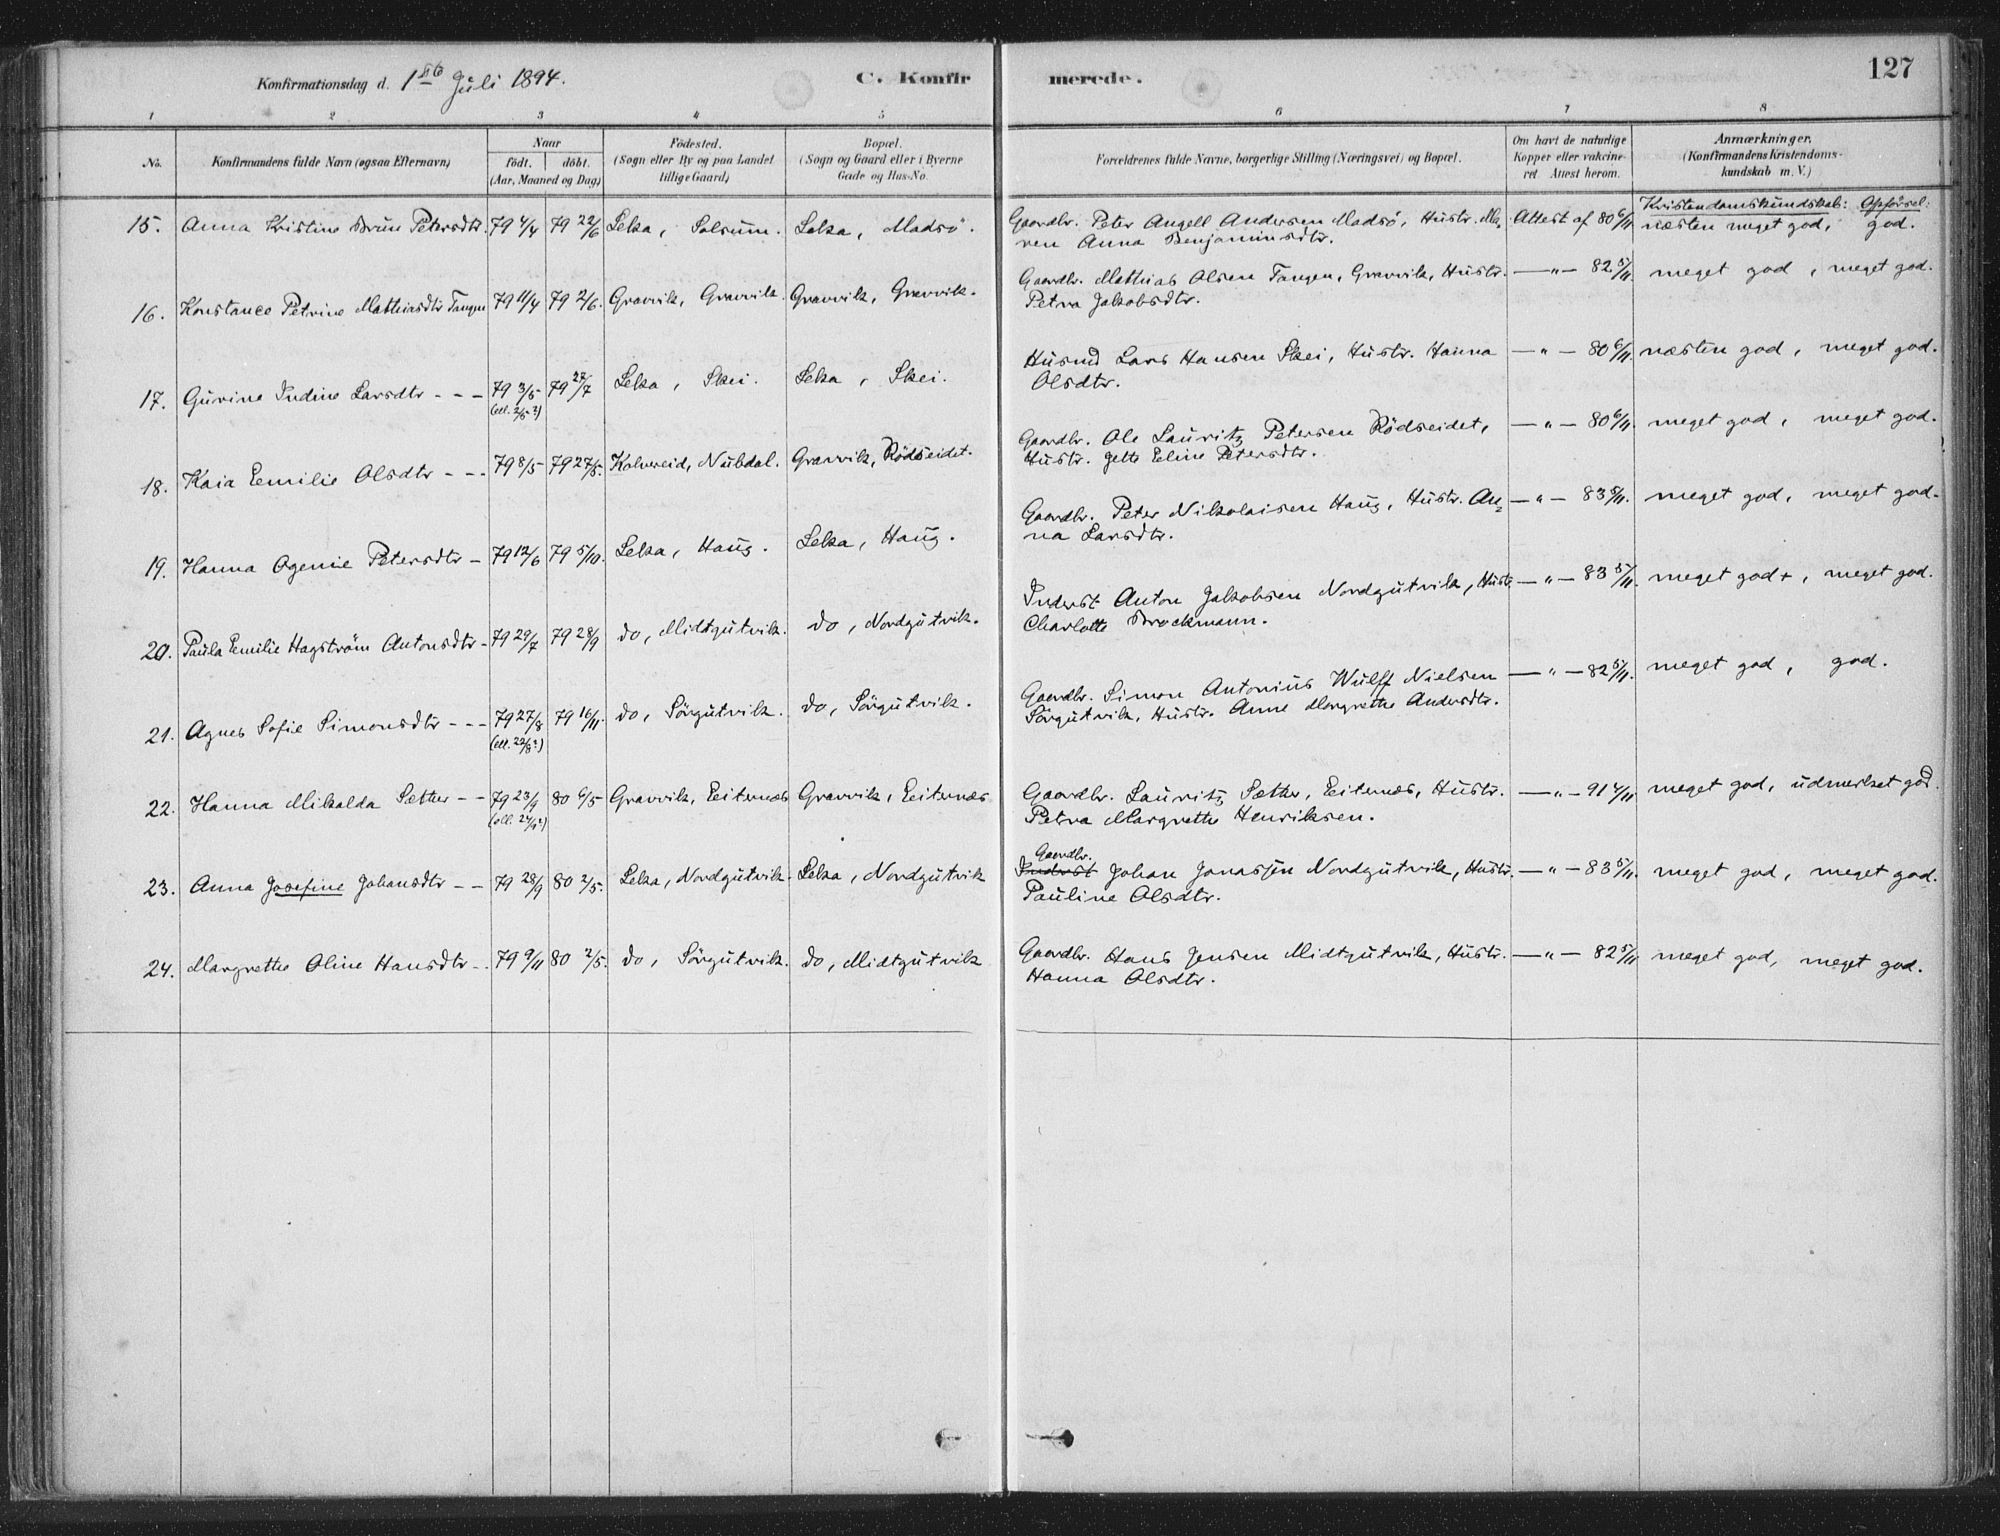 SAT, Ministerialprotokoller, klokkerbøker og fødselsregistre - Nord-Trøndelag, 788/L0697: Ministerialbok nr. 788A04, 1878-1902, s. 127